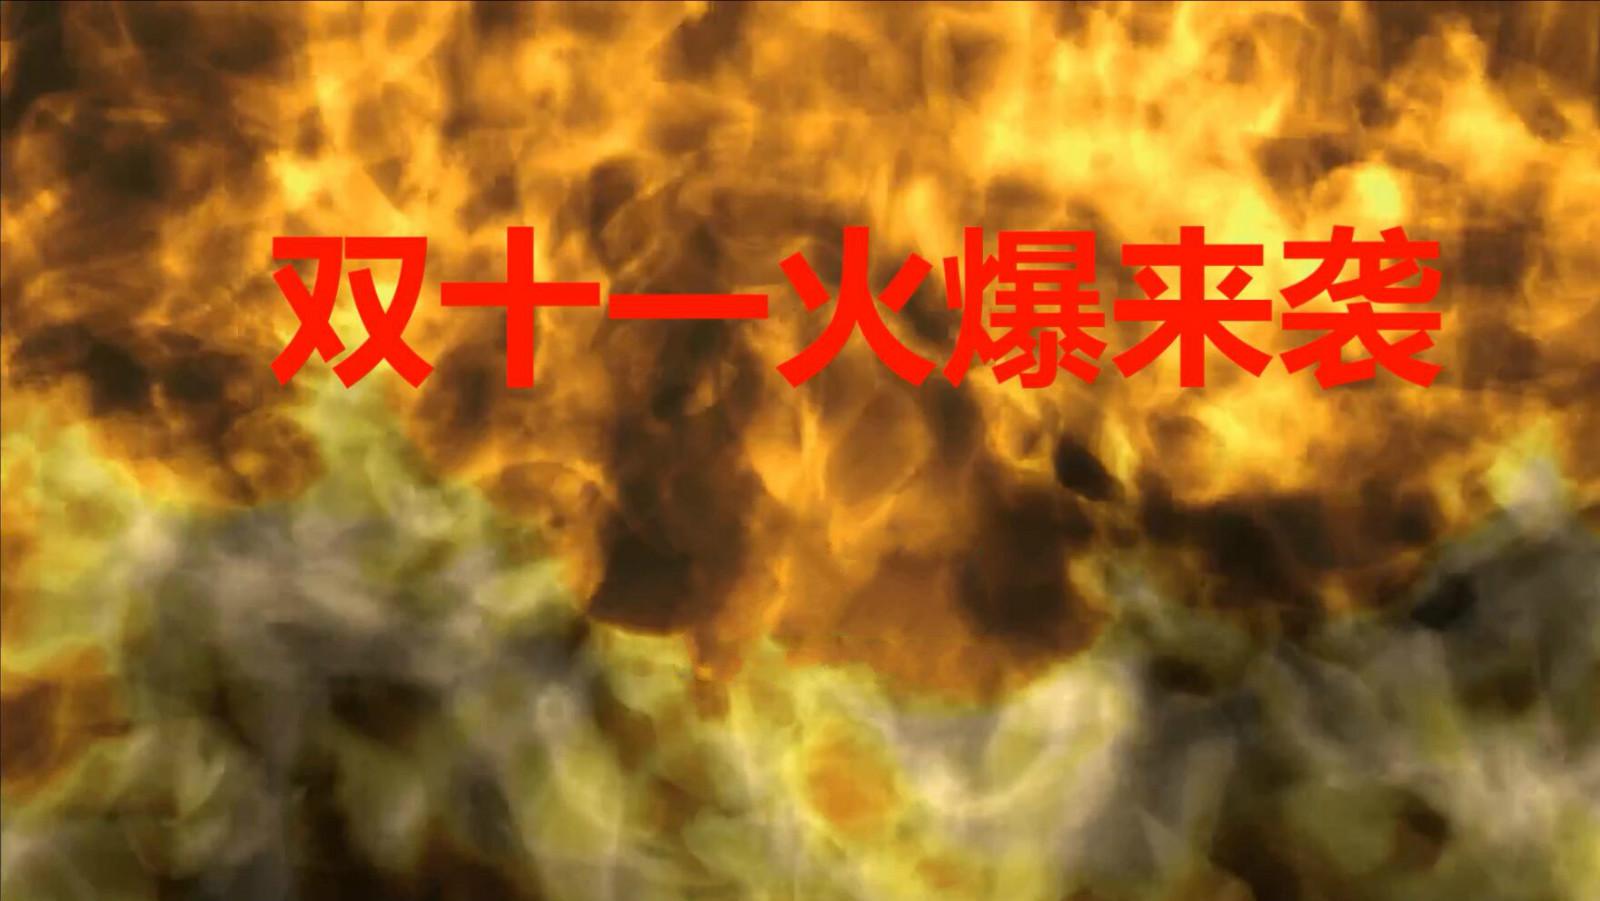 双十一火爆来袭会声会影模版_meitu_1.jpg